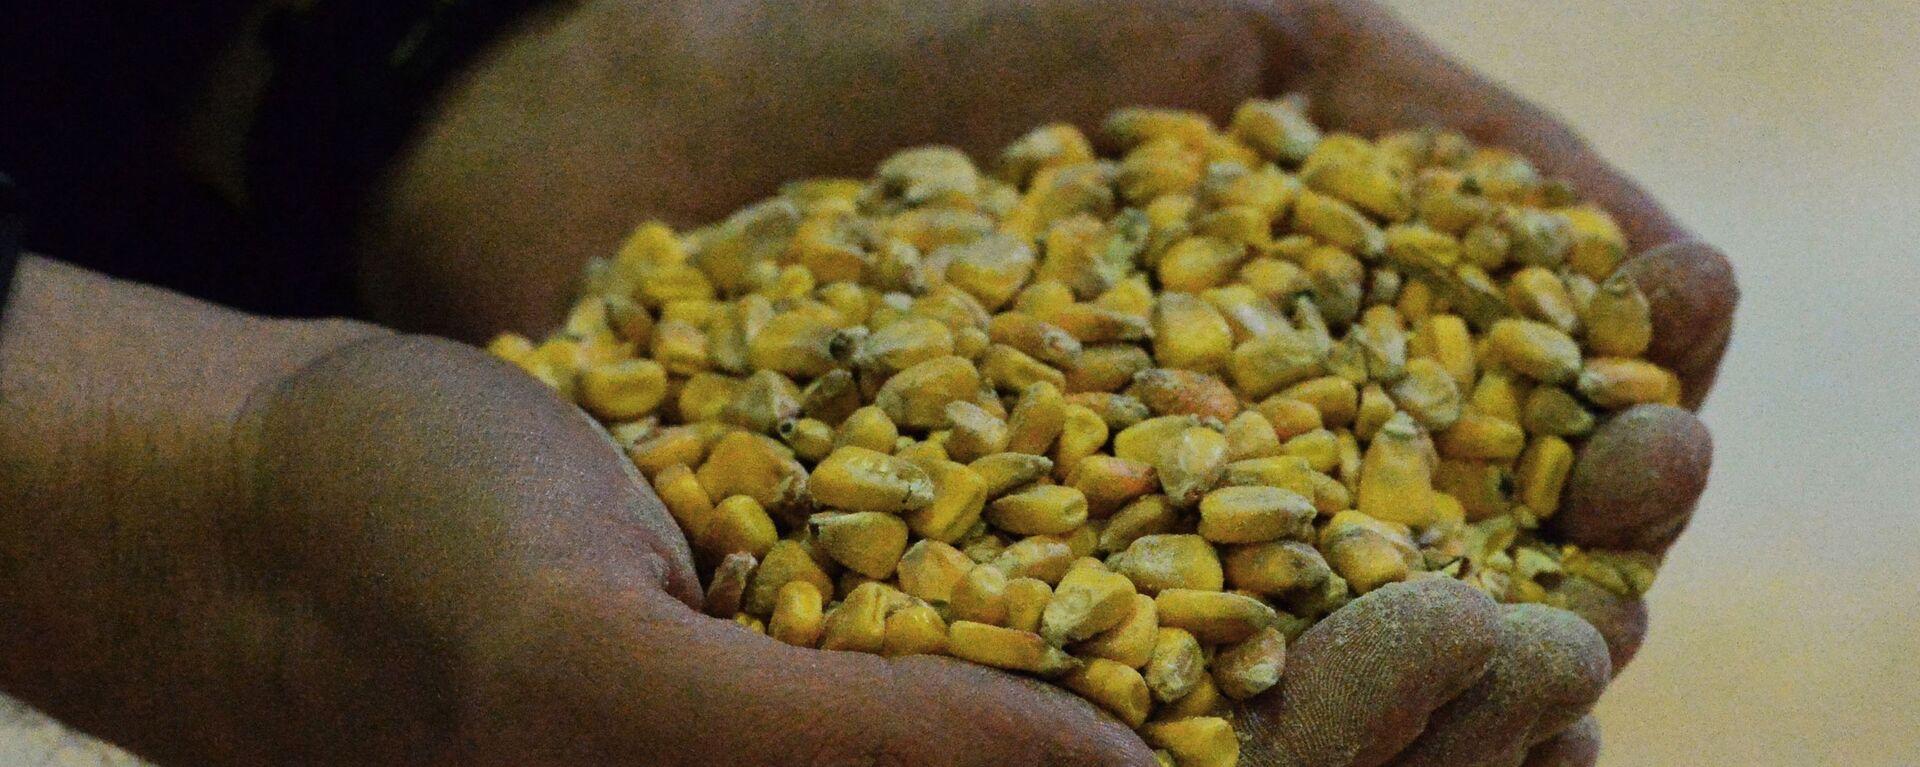 Granos de maíz - Sputnik Mundo, 1920, 23.02.2021